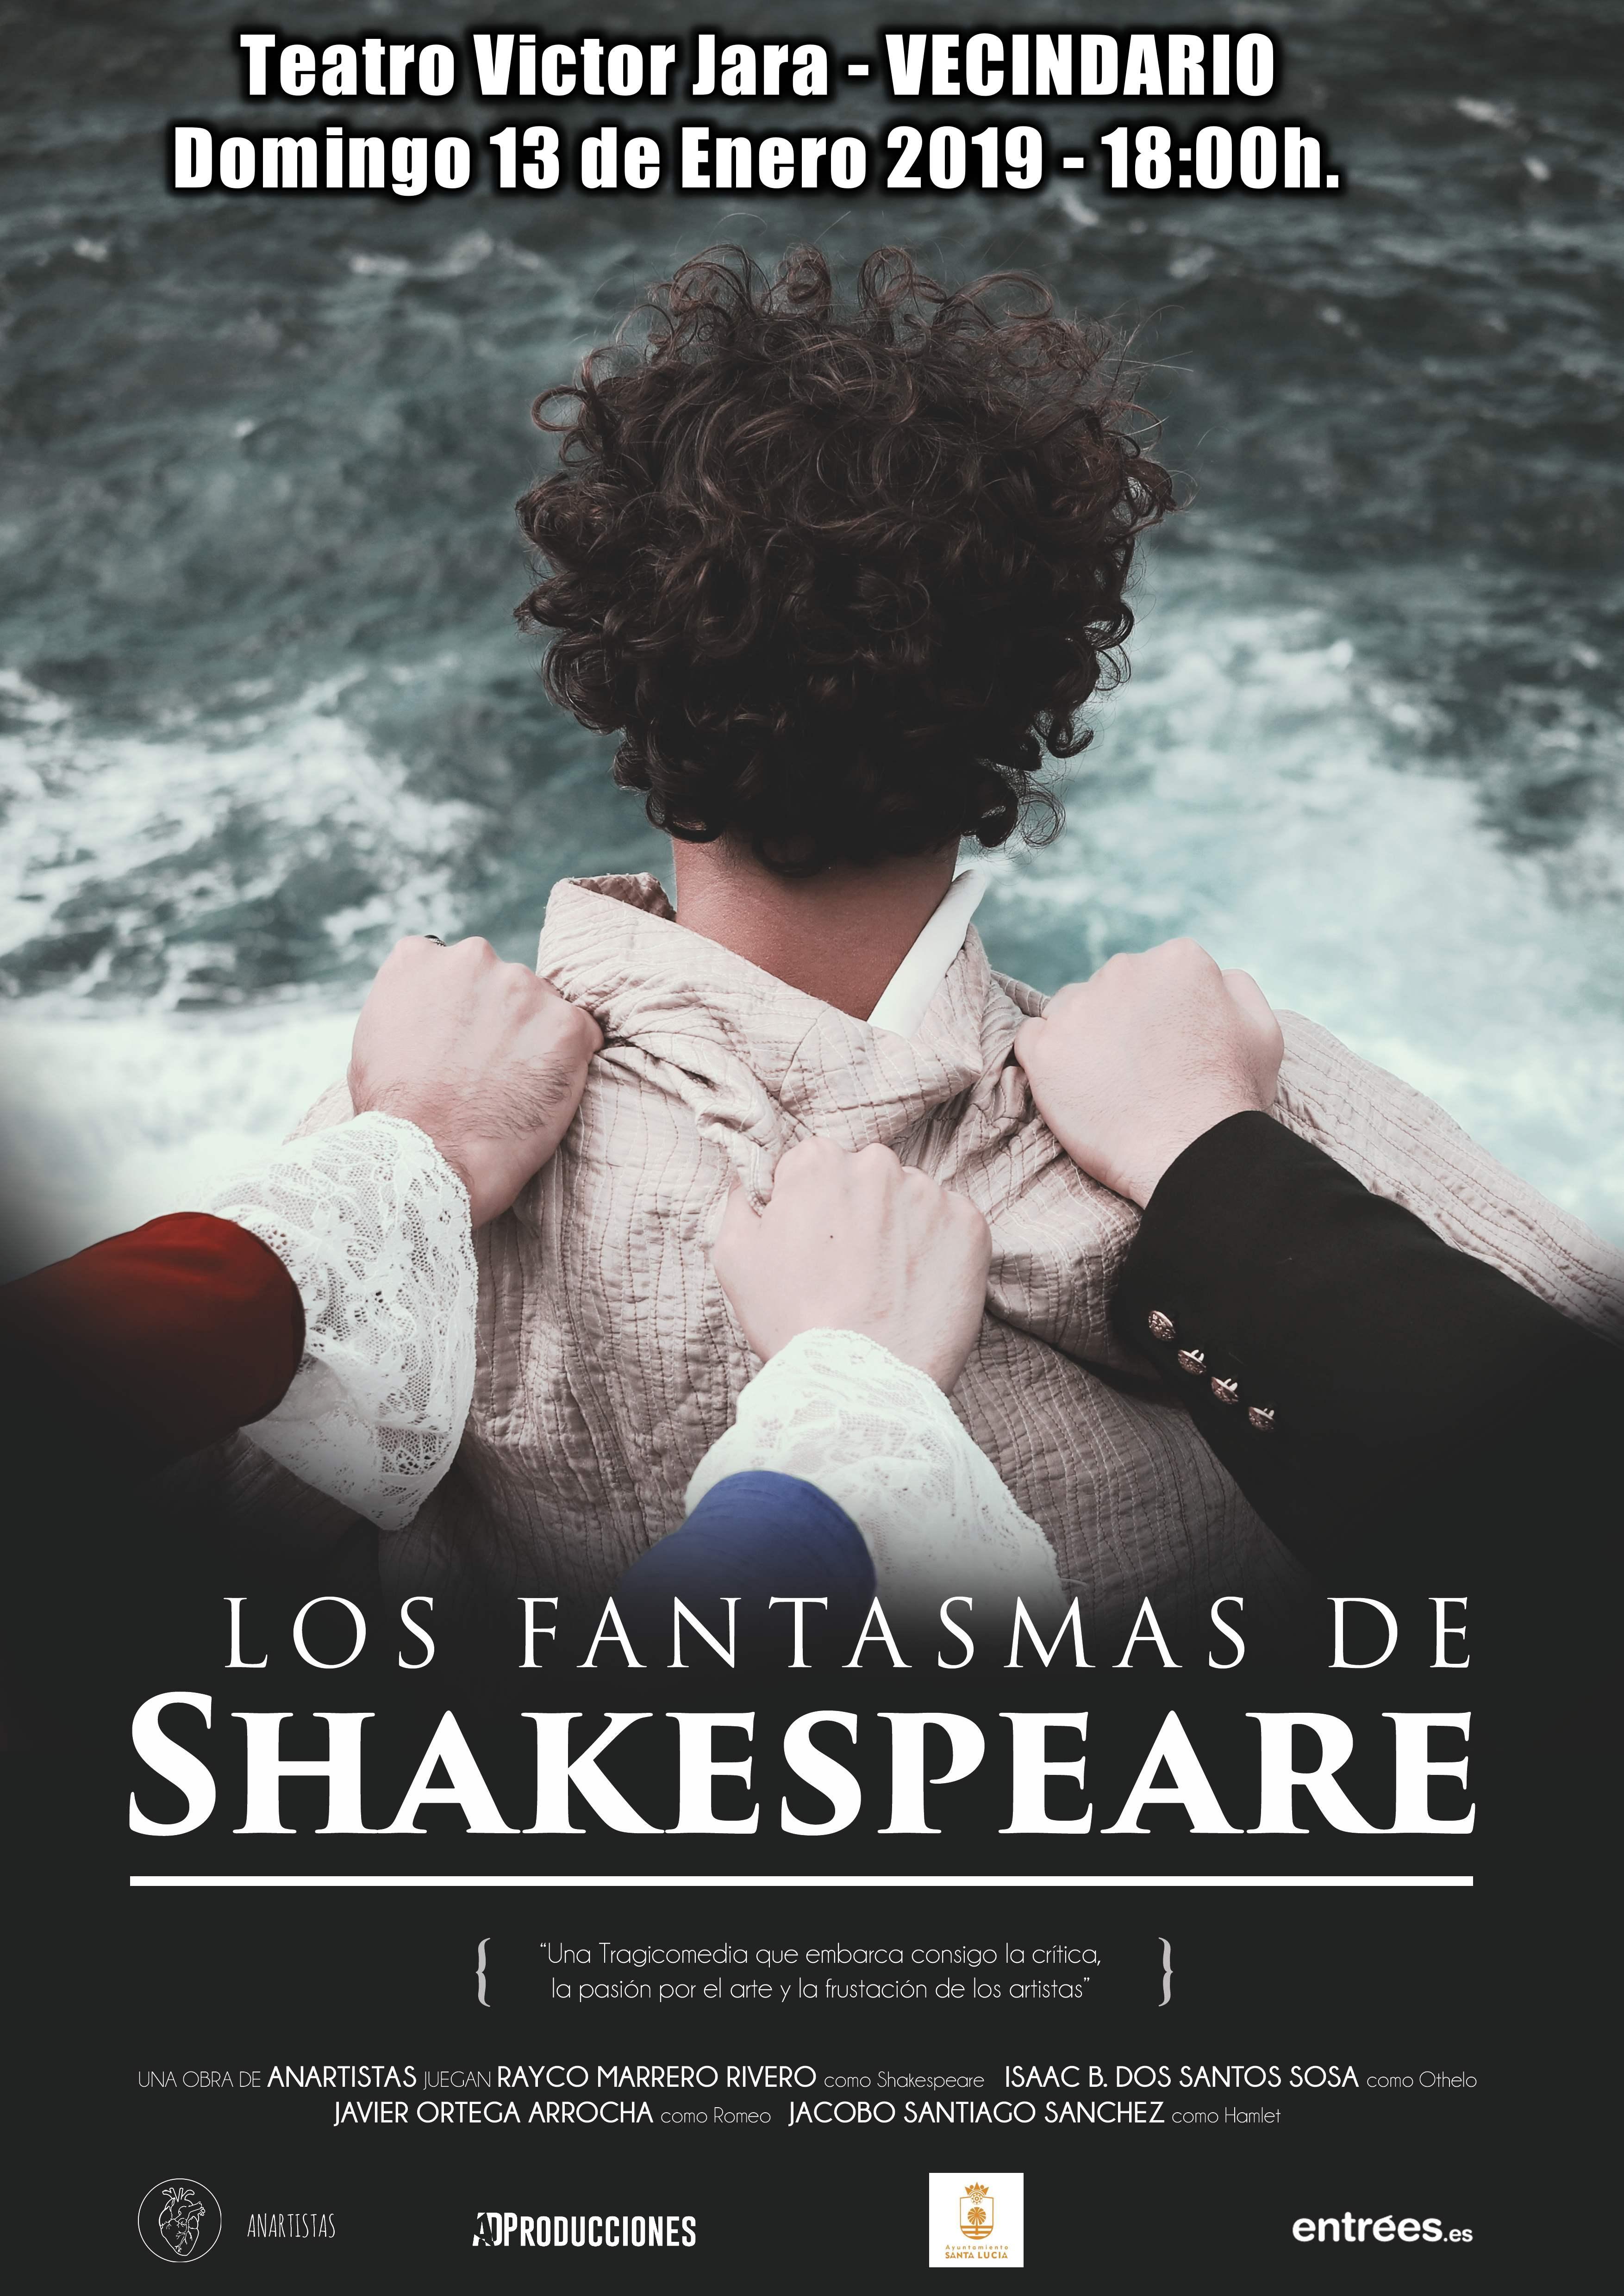 Los Fantasmas de Shakespeare